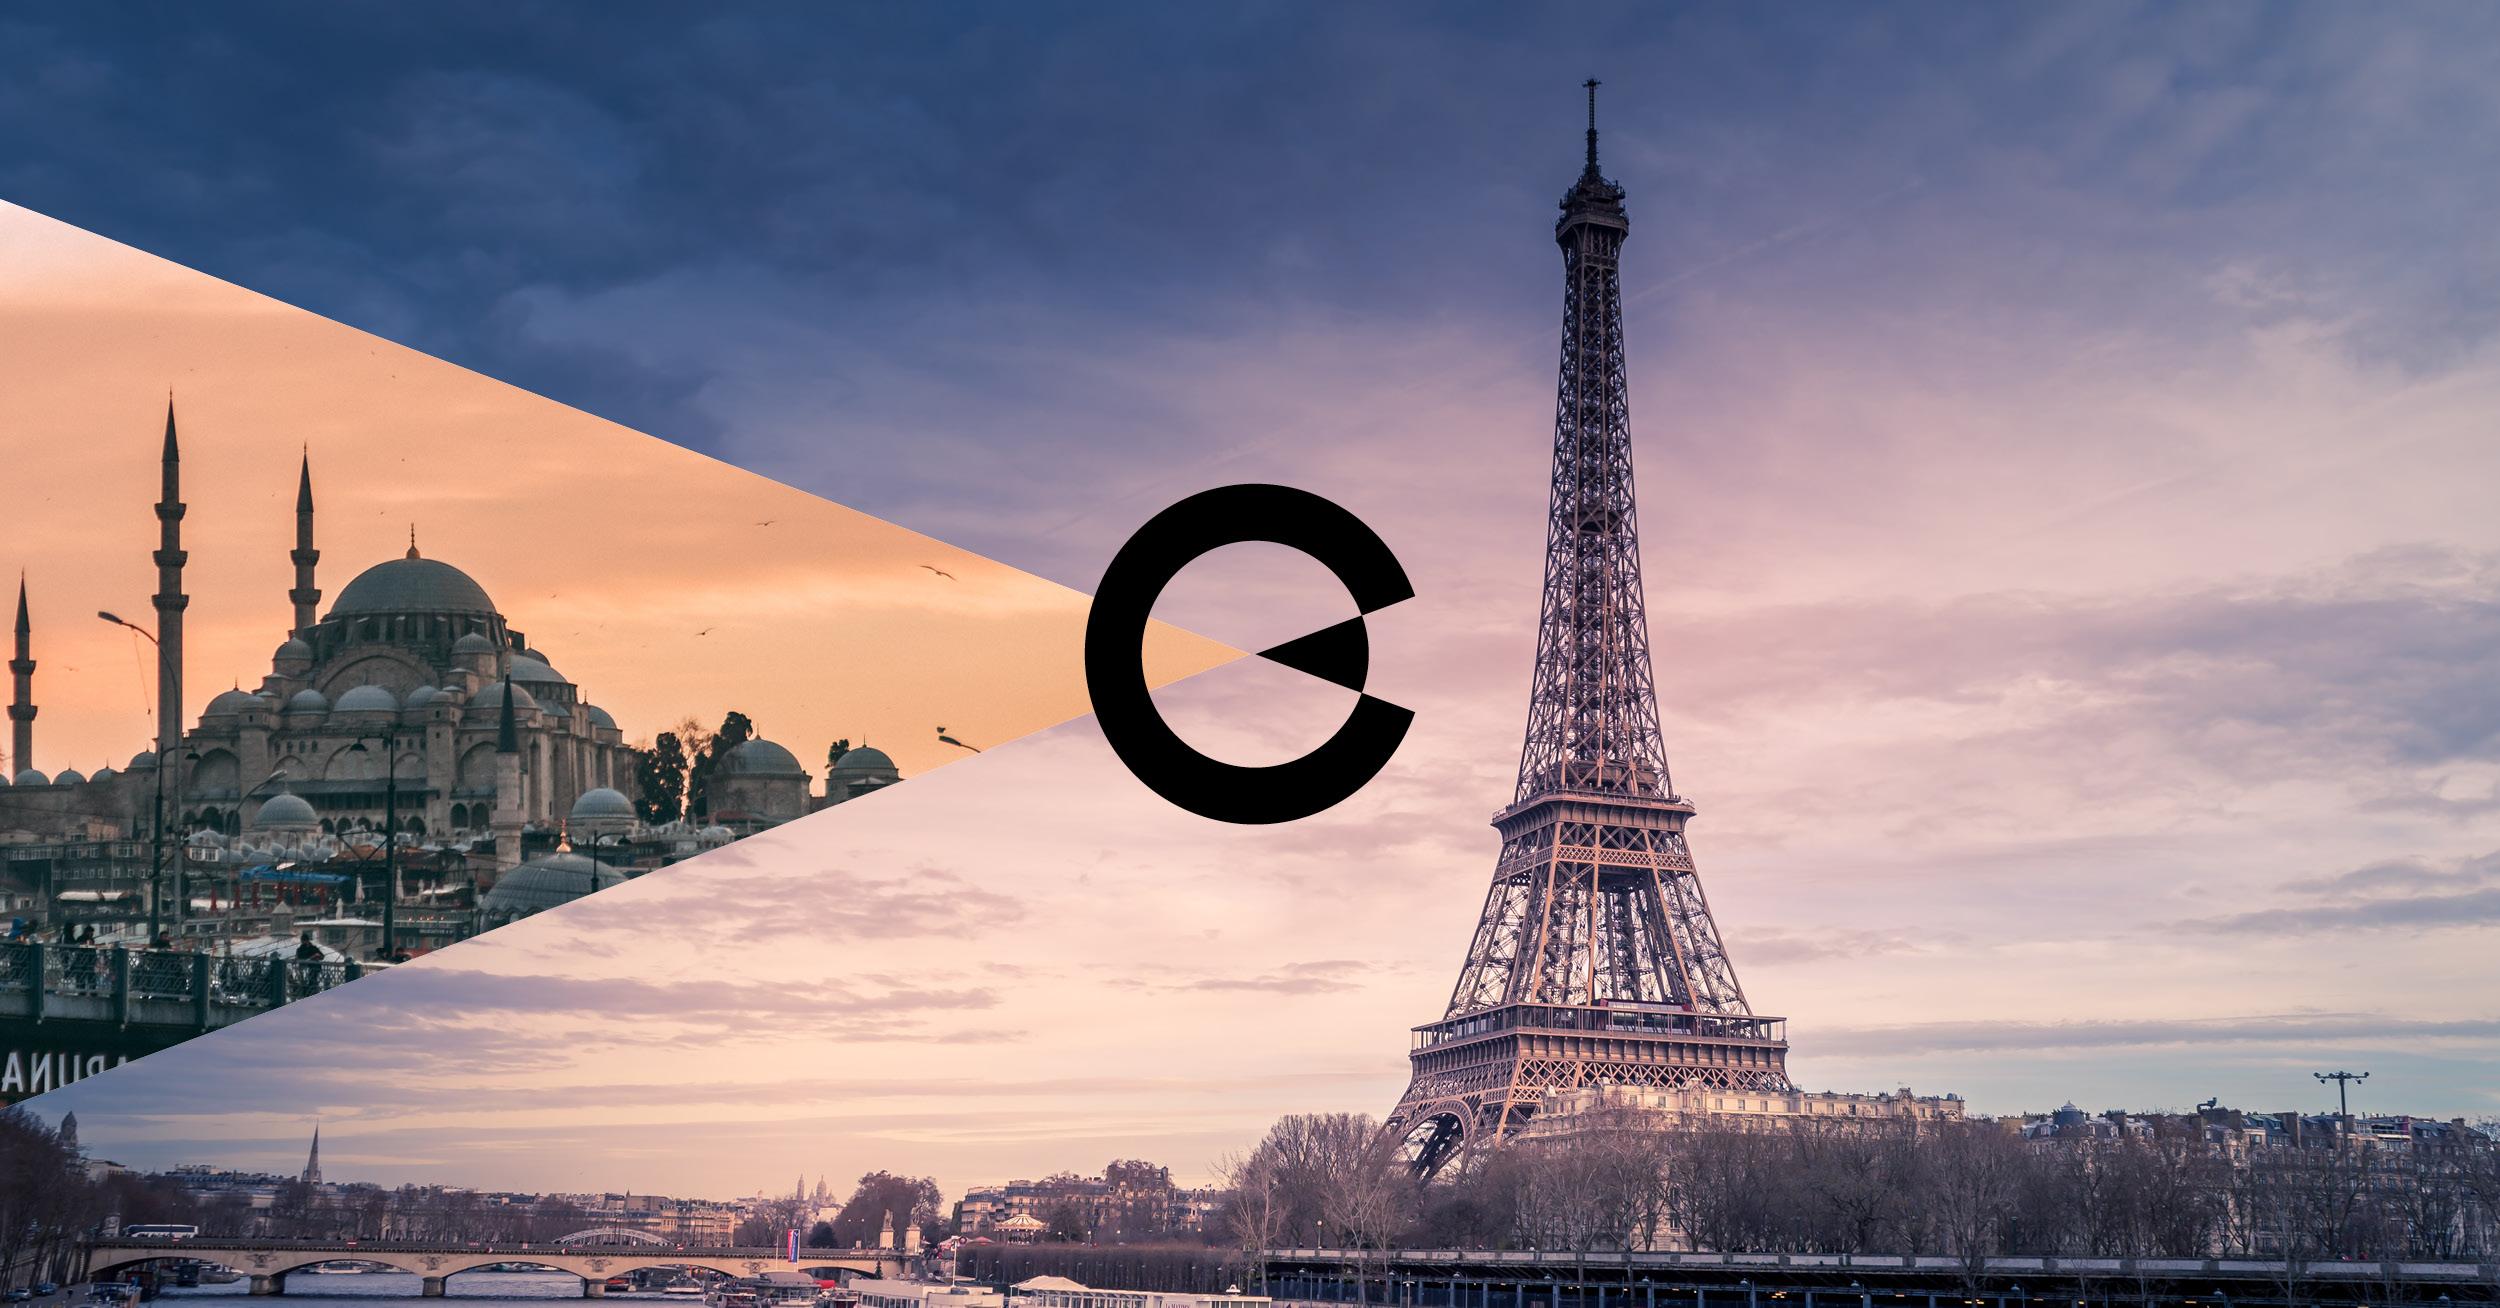 Dal vivo è tutta un'altra cosa: Istanbul e Parigi, si torna in fiera!